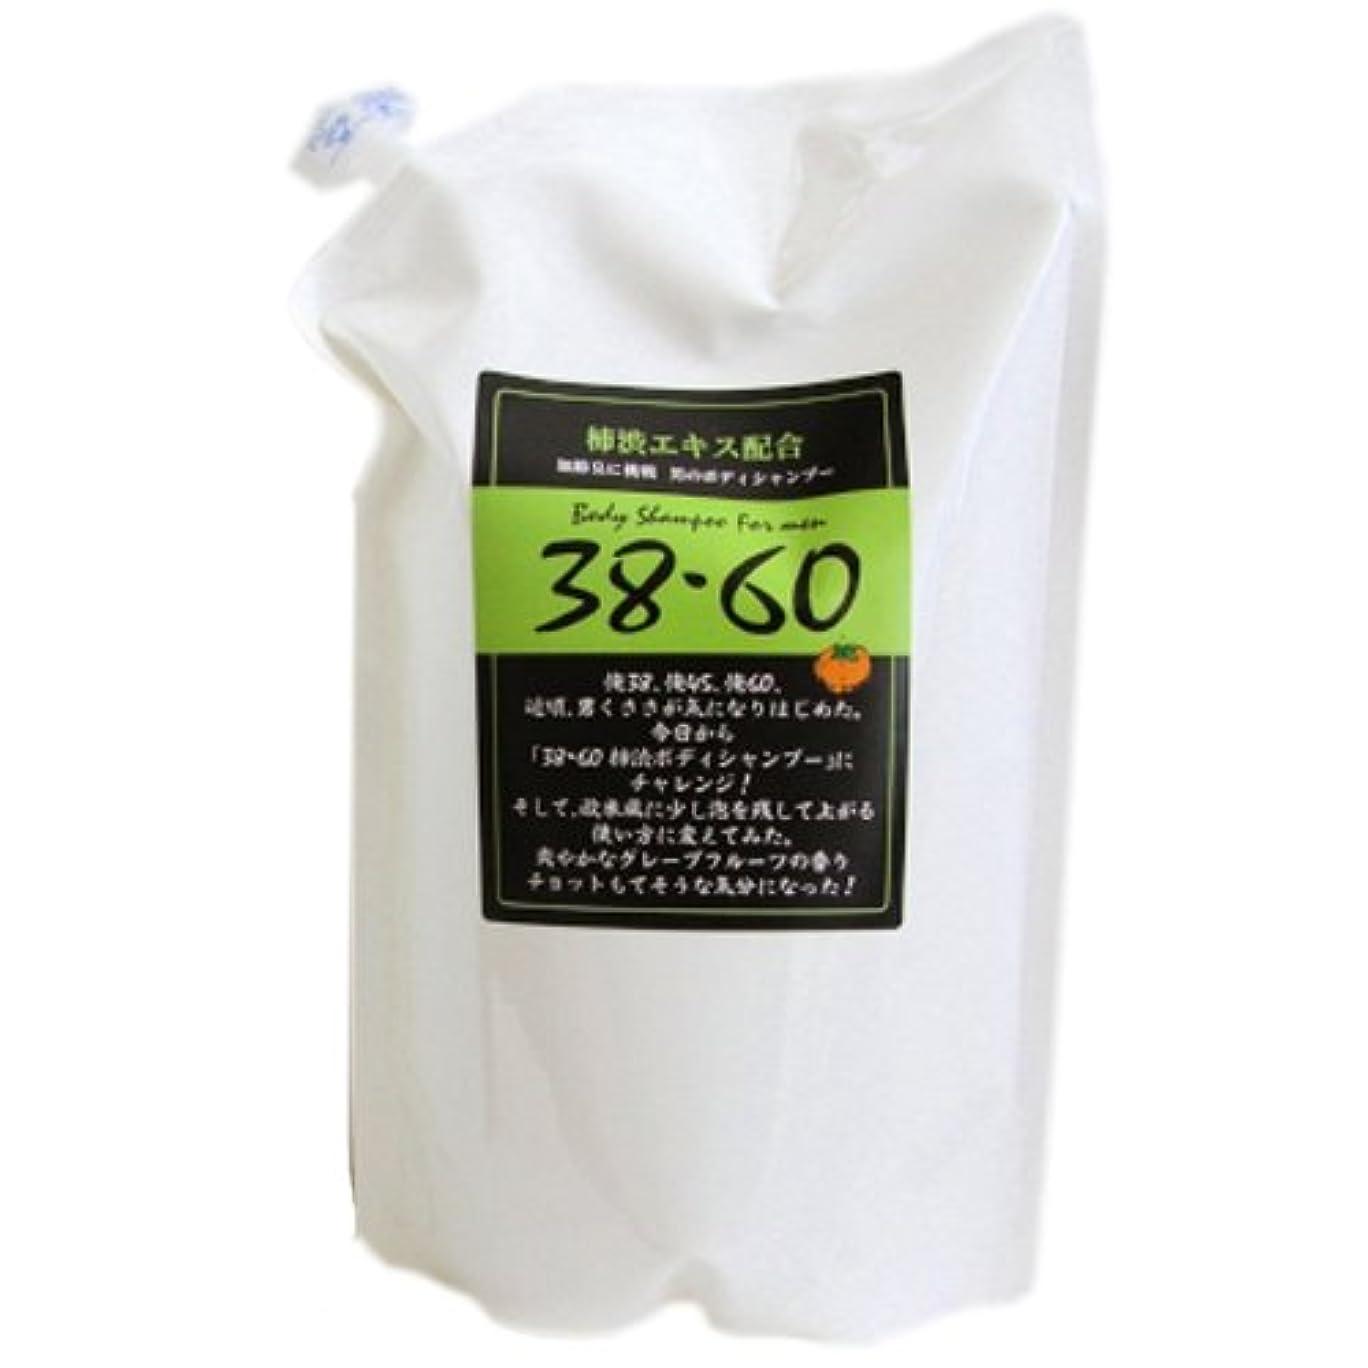 平等決定プラスチック38?60柿渋ボディシャンプー詰替1500ml